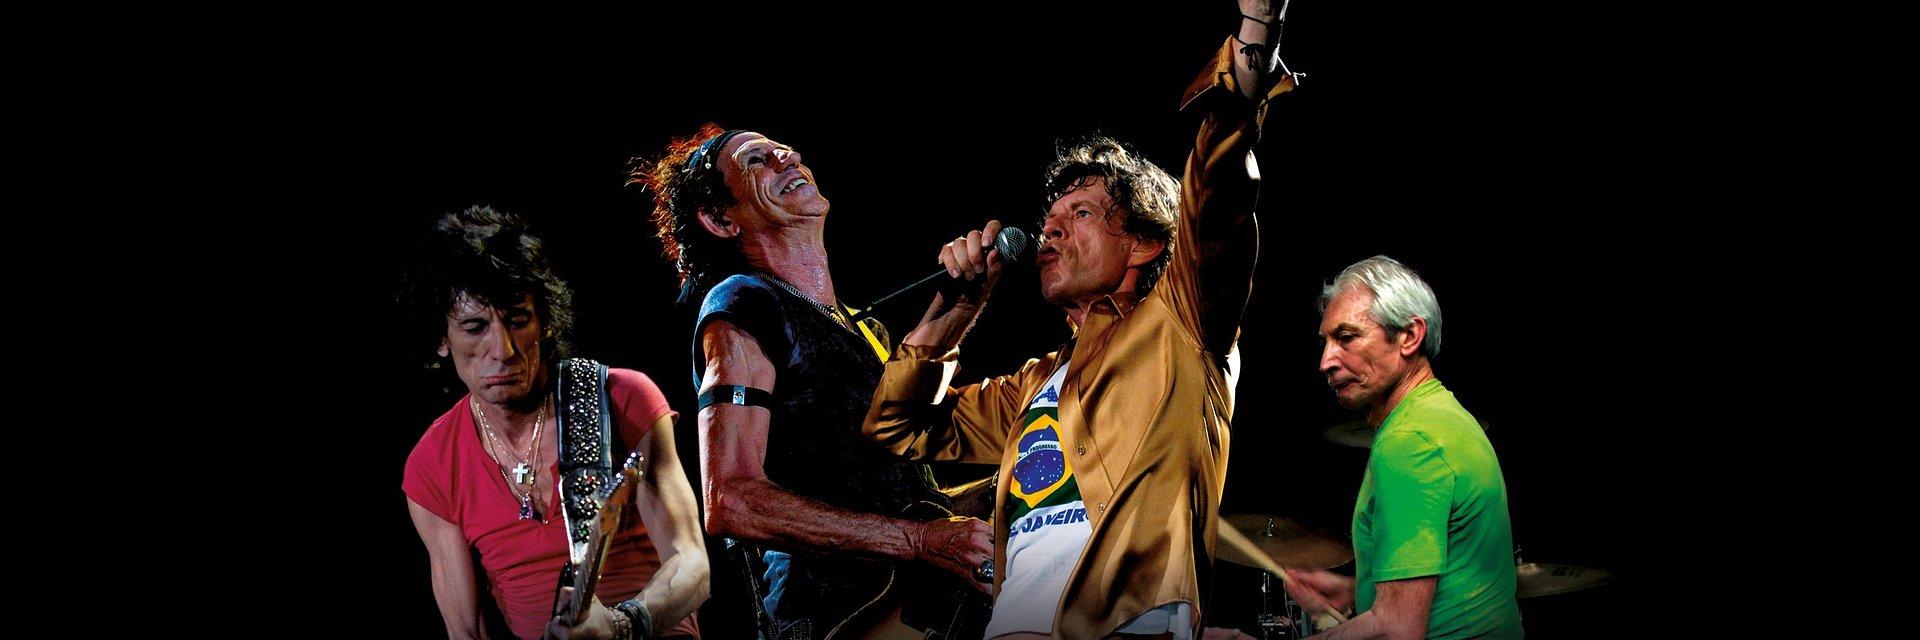 The Rolling Stones: obejrzyj słynny koncert na plaży Copacabana